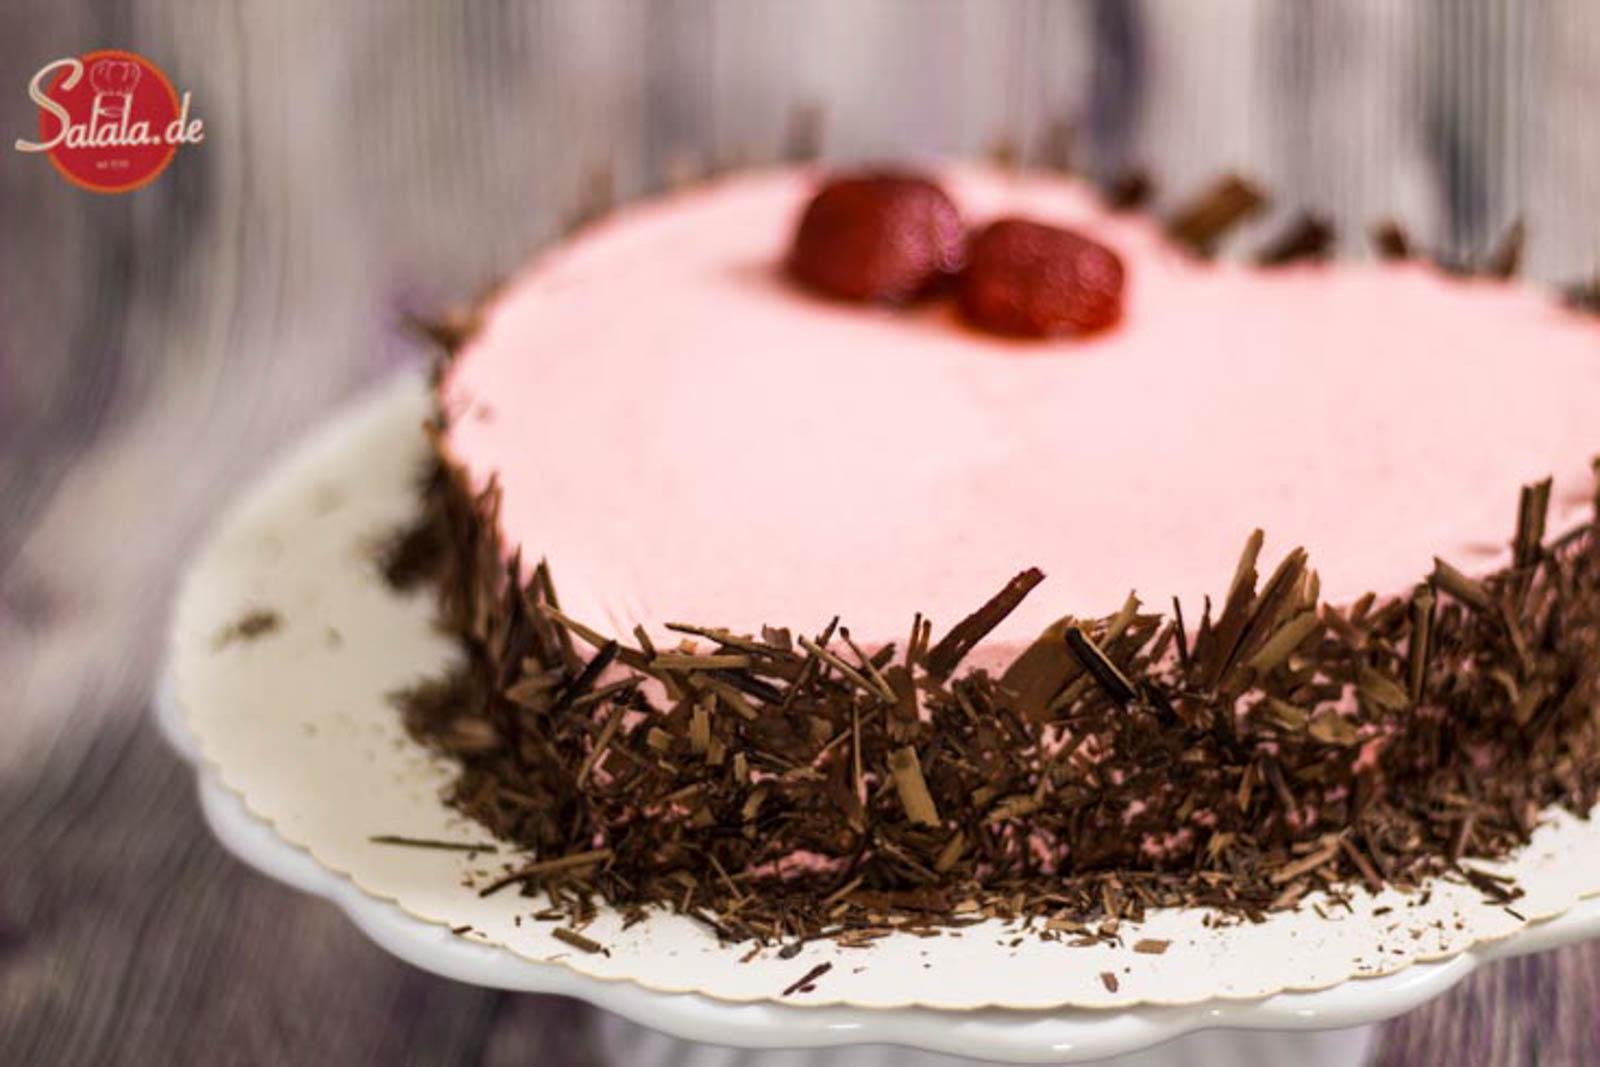 Sahniges Erdbeerherz Zum Valentinstag Salala De Low Carb Mit